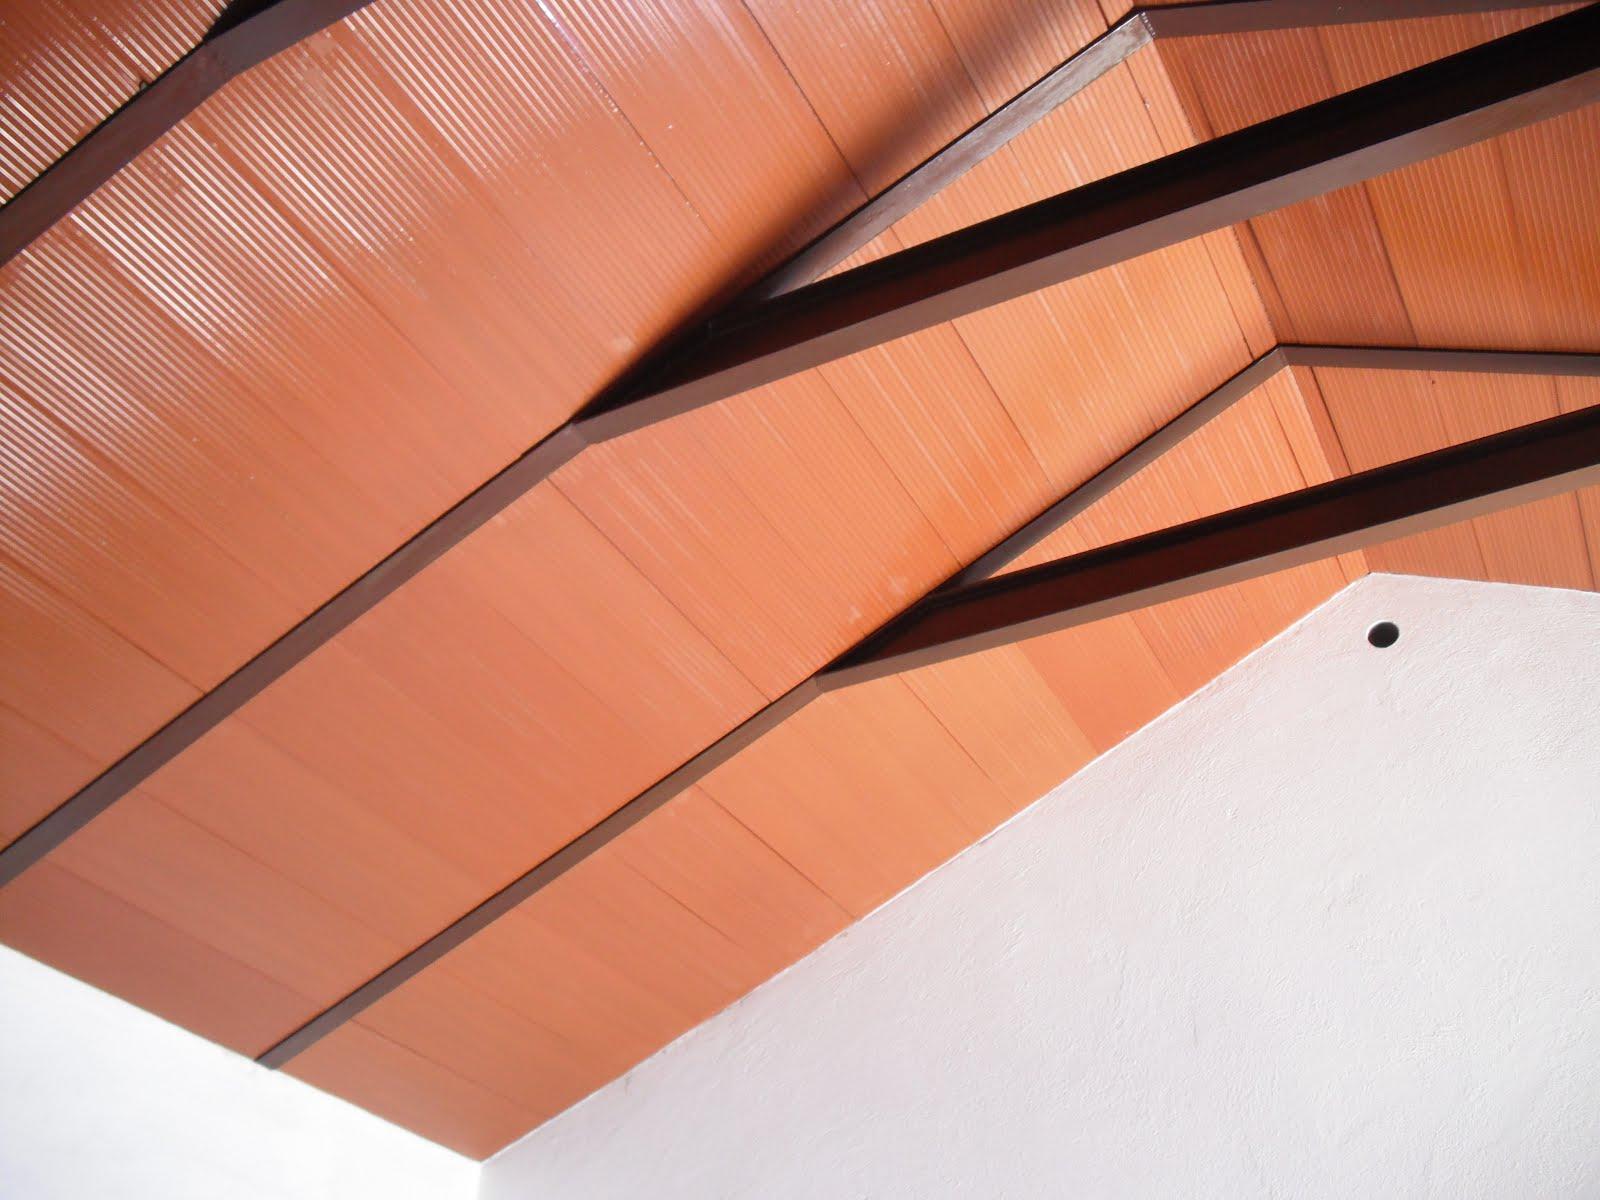 Encalarte aplicaciones decorativas techo de rasillones - Como pintar un techo ...